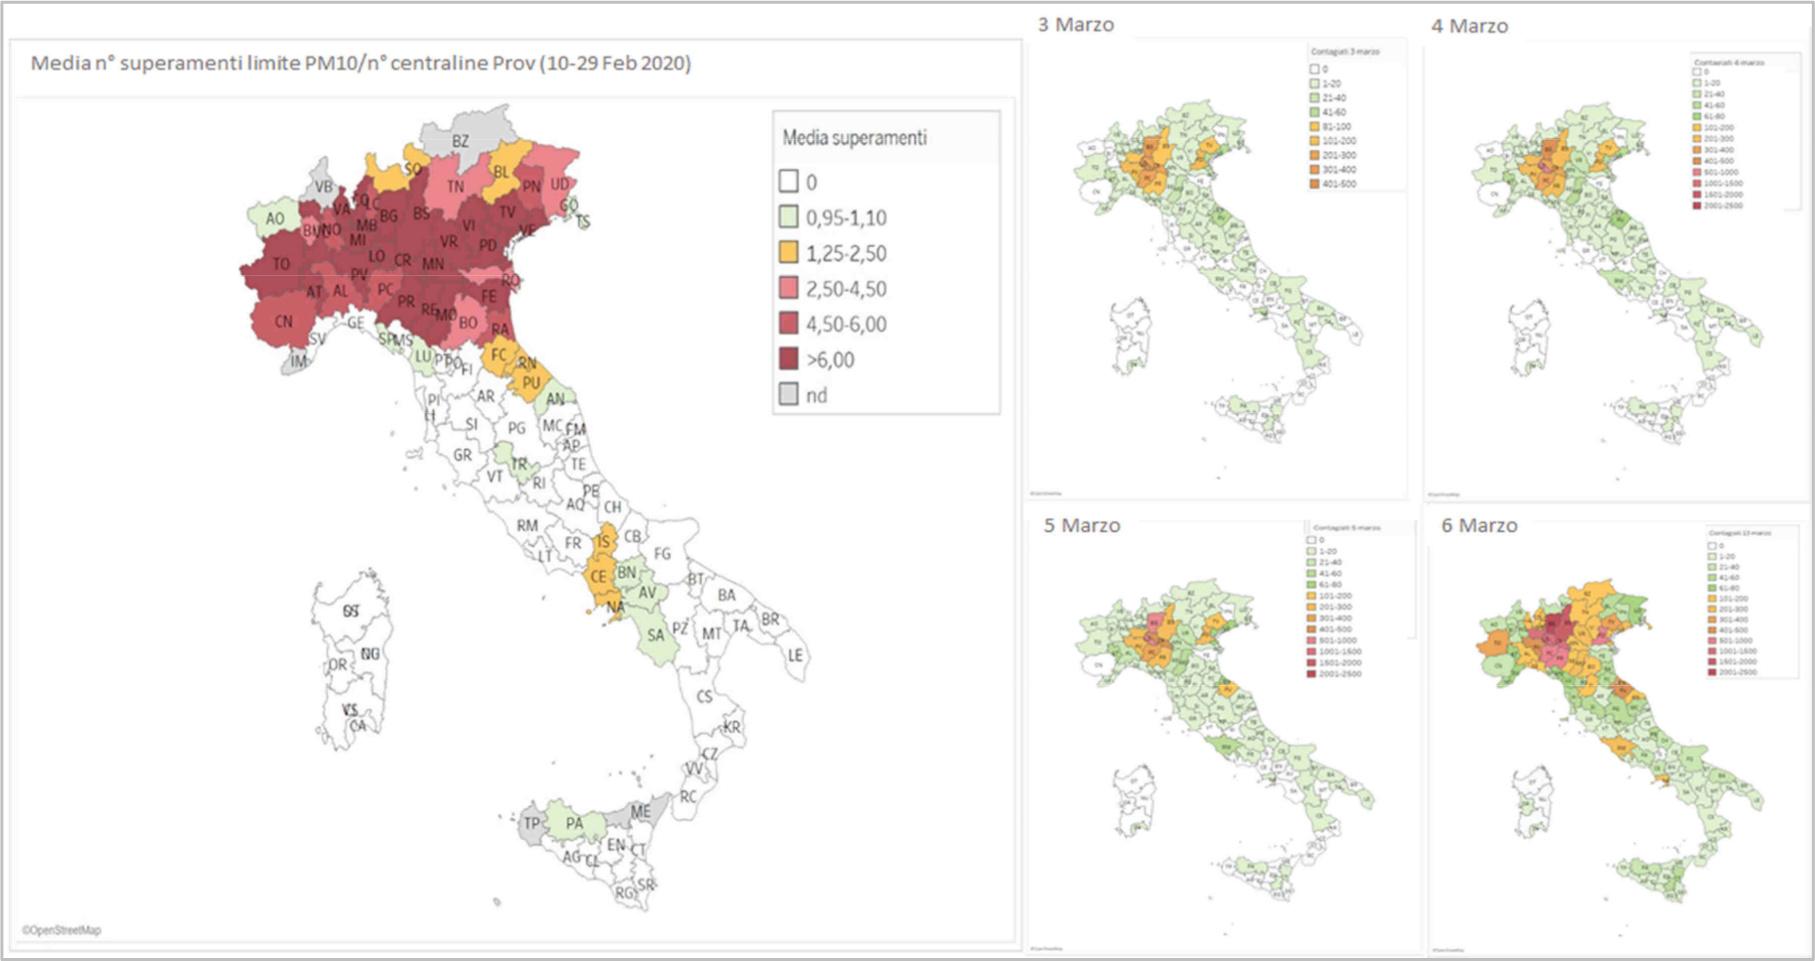 relazione tra inquinamento atmosferico e diffusione dell'epidemia di coronavirus